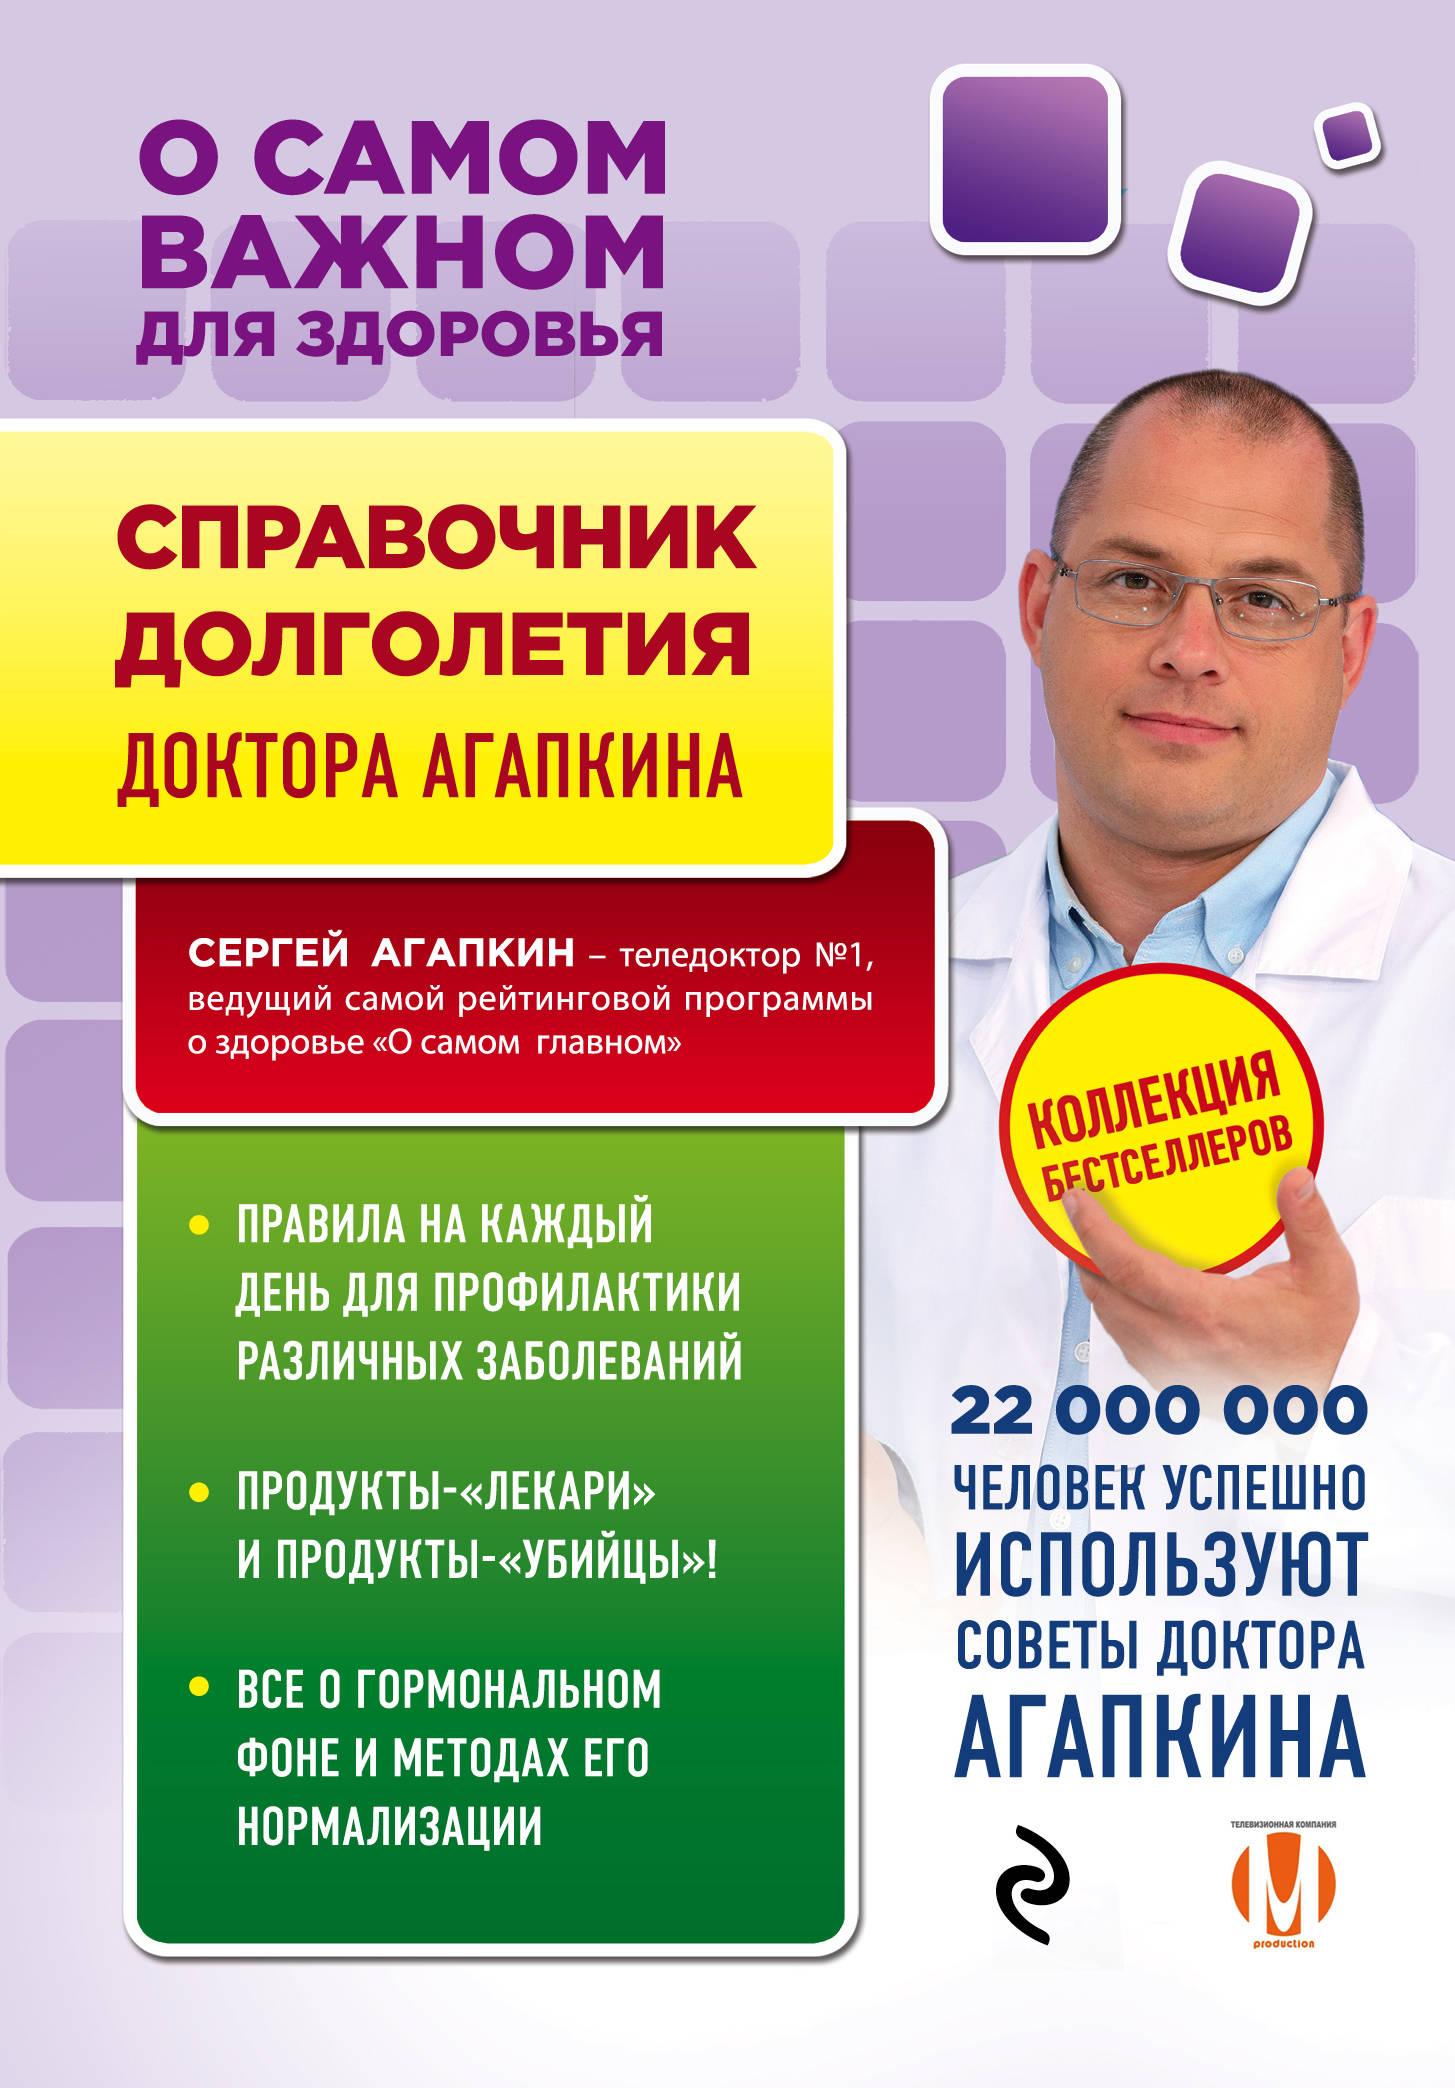 Сергей Агапкин Справочник долголетия агапкин с 1000 советов доктора агапкина